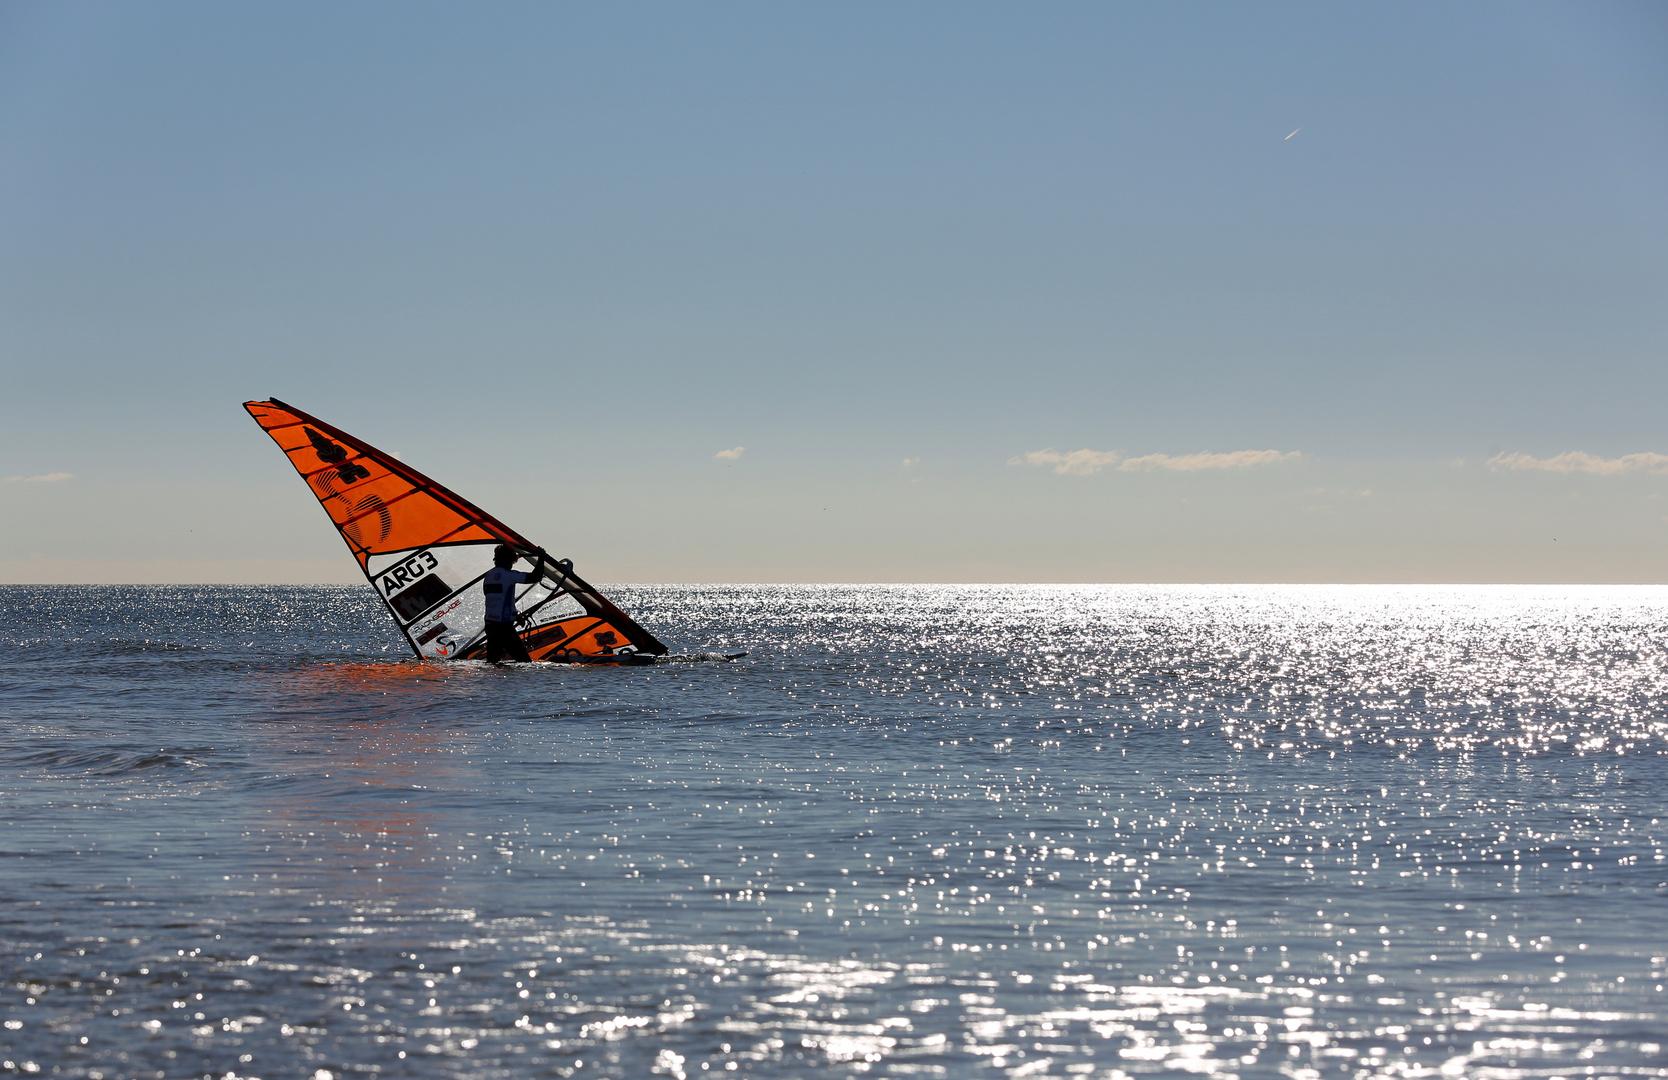 Gonzalos Sea